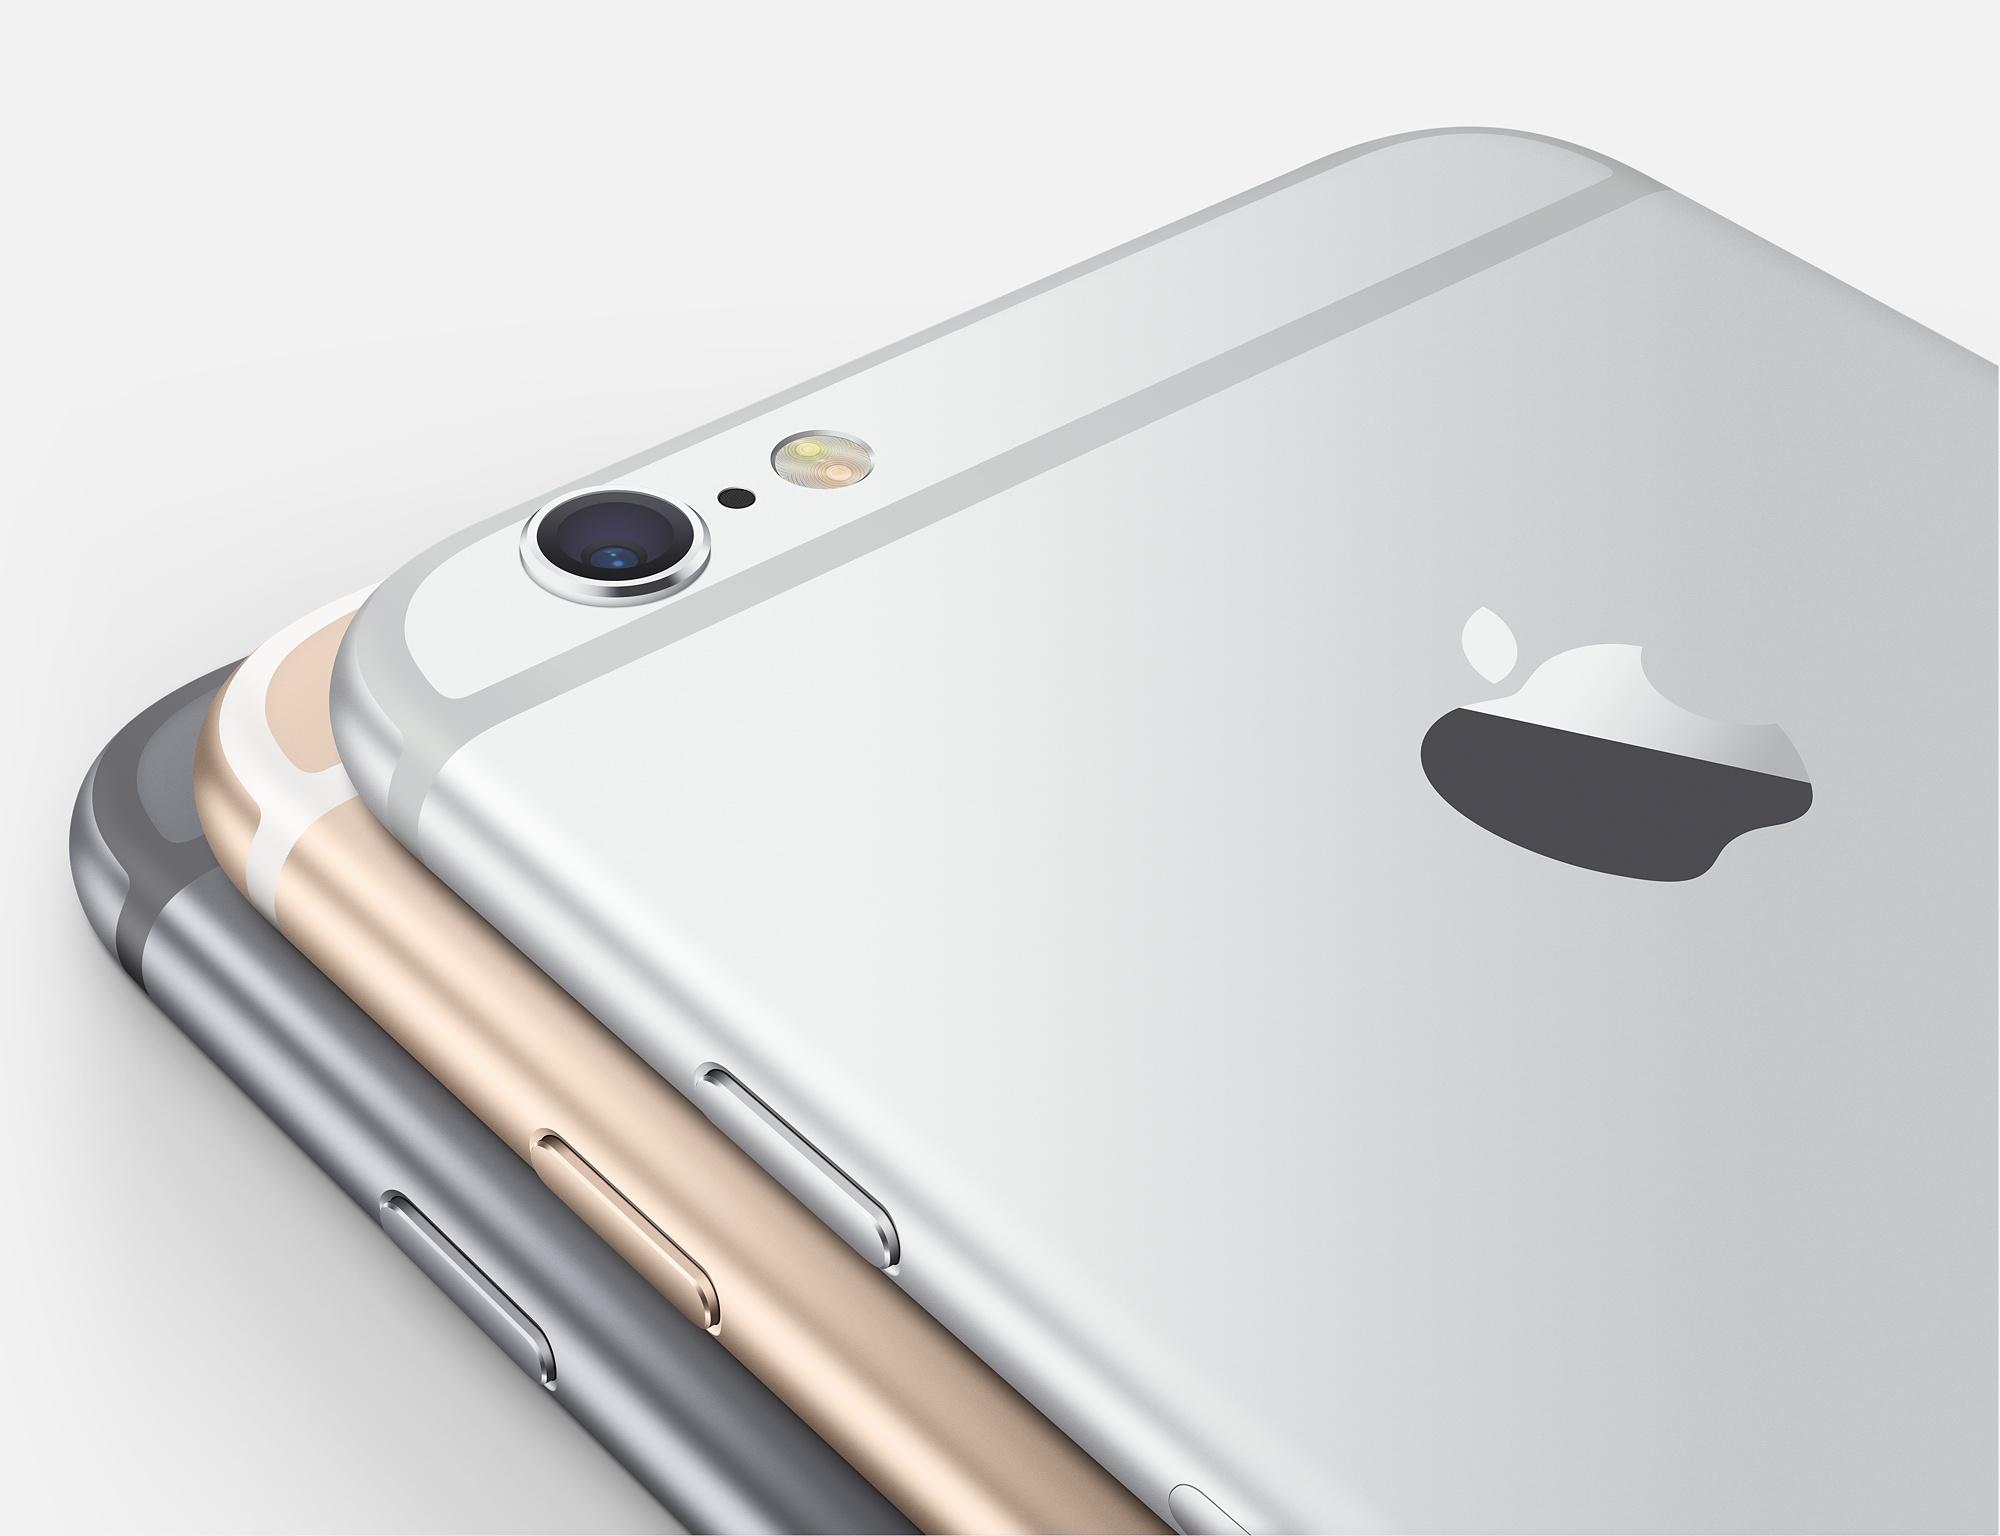 Apple iPhone 6 Plus: Austauschprogramm für iSight-Kamera